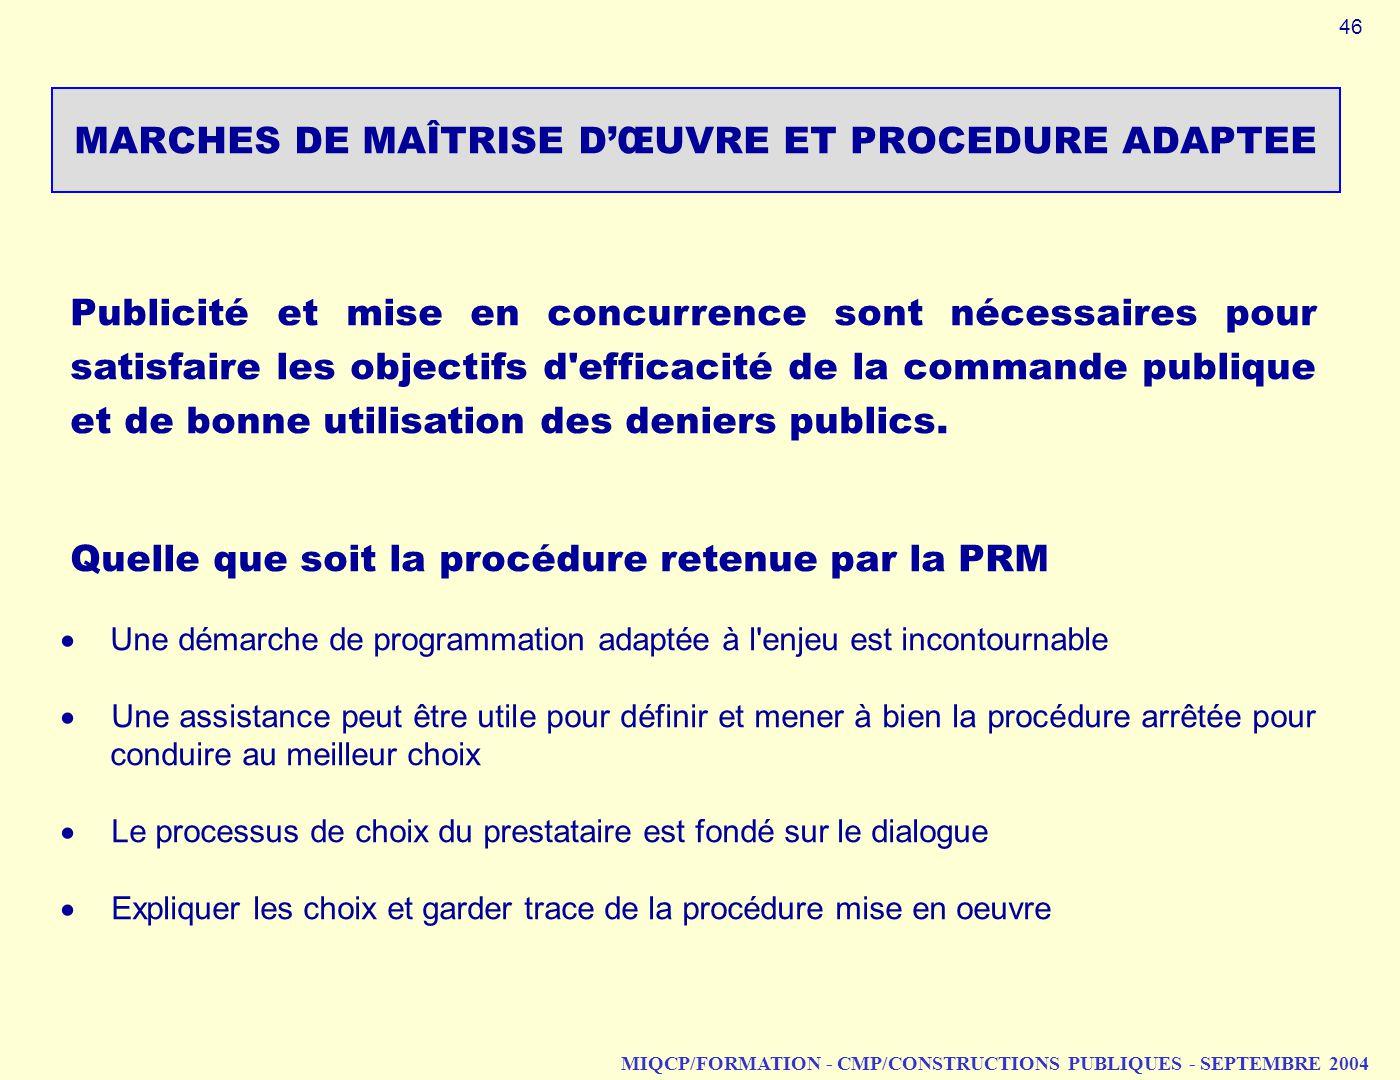 MARCHES DE MAÎTRISE D'ŒUVRE ET PROCEDURE ADAPTEE